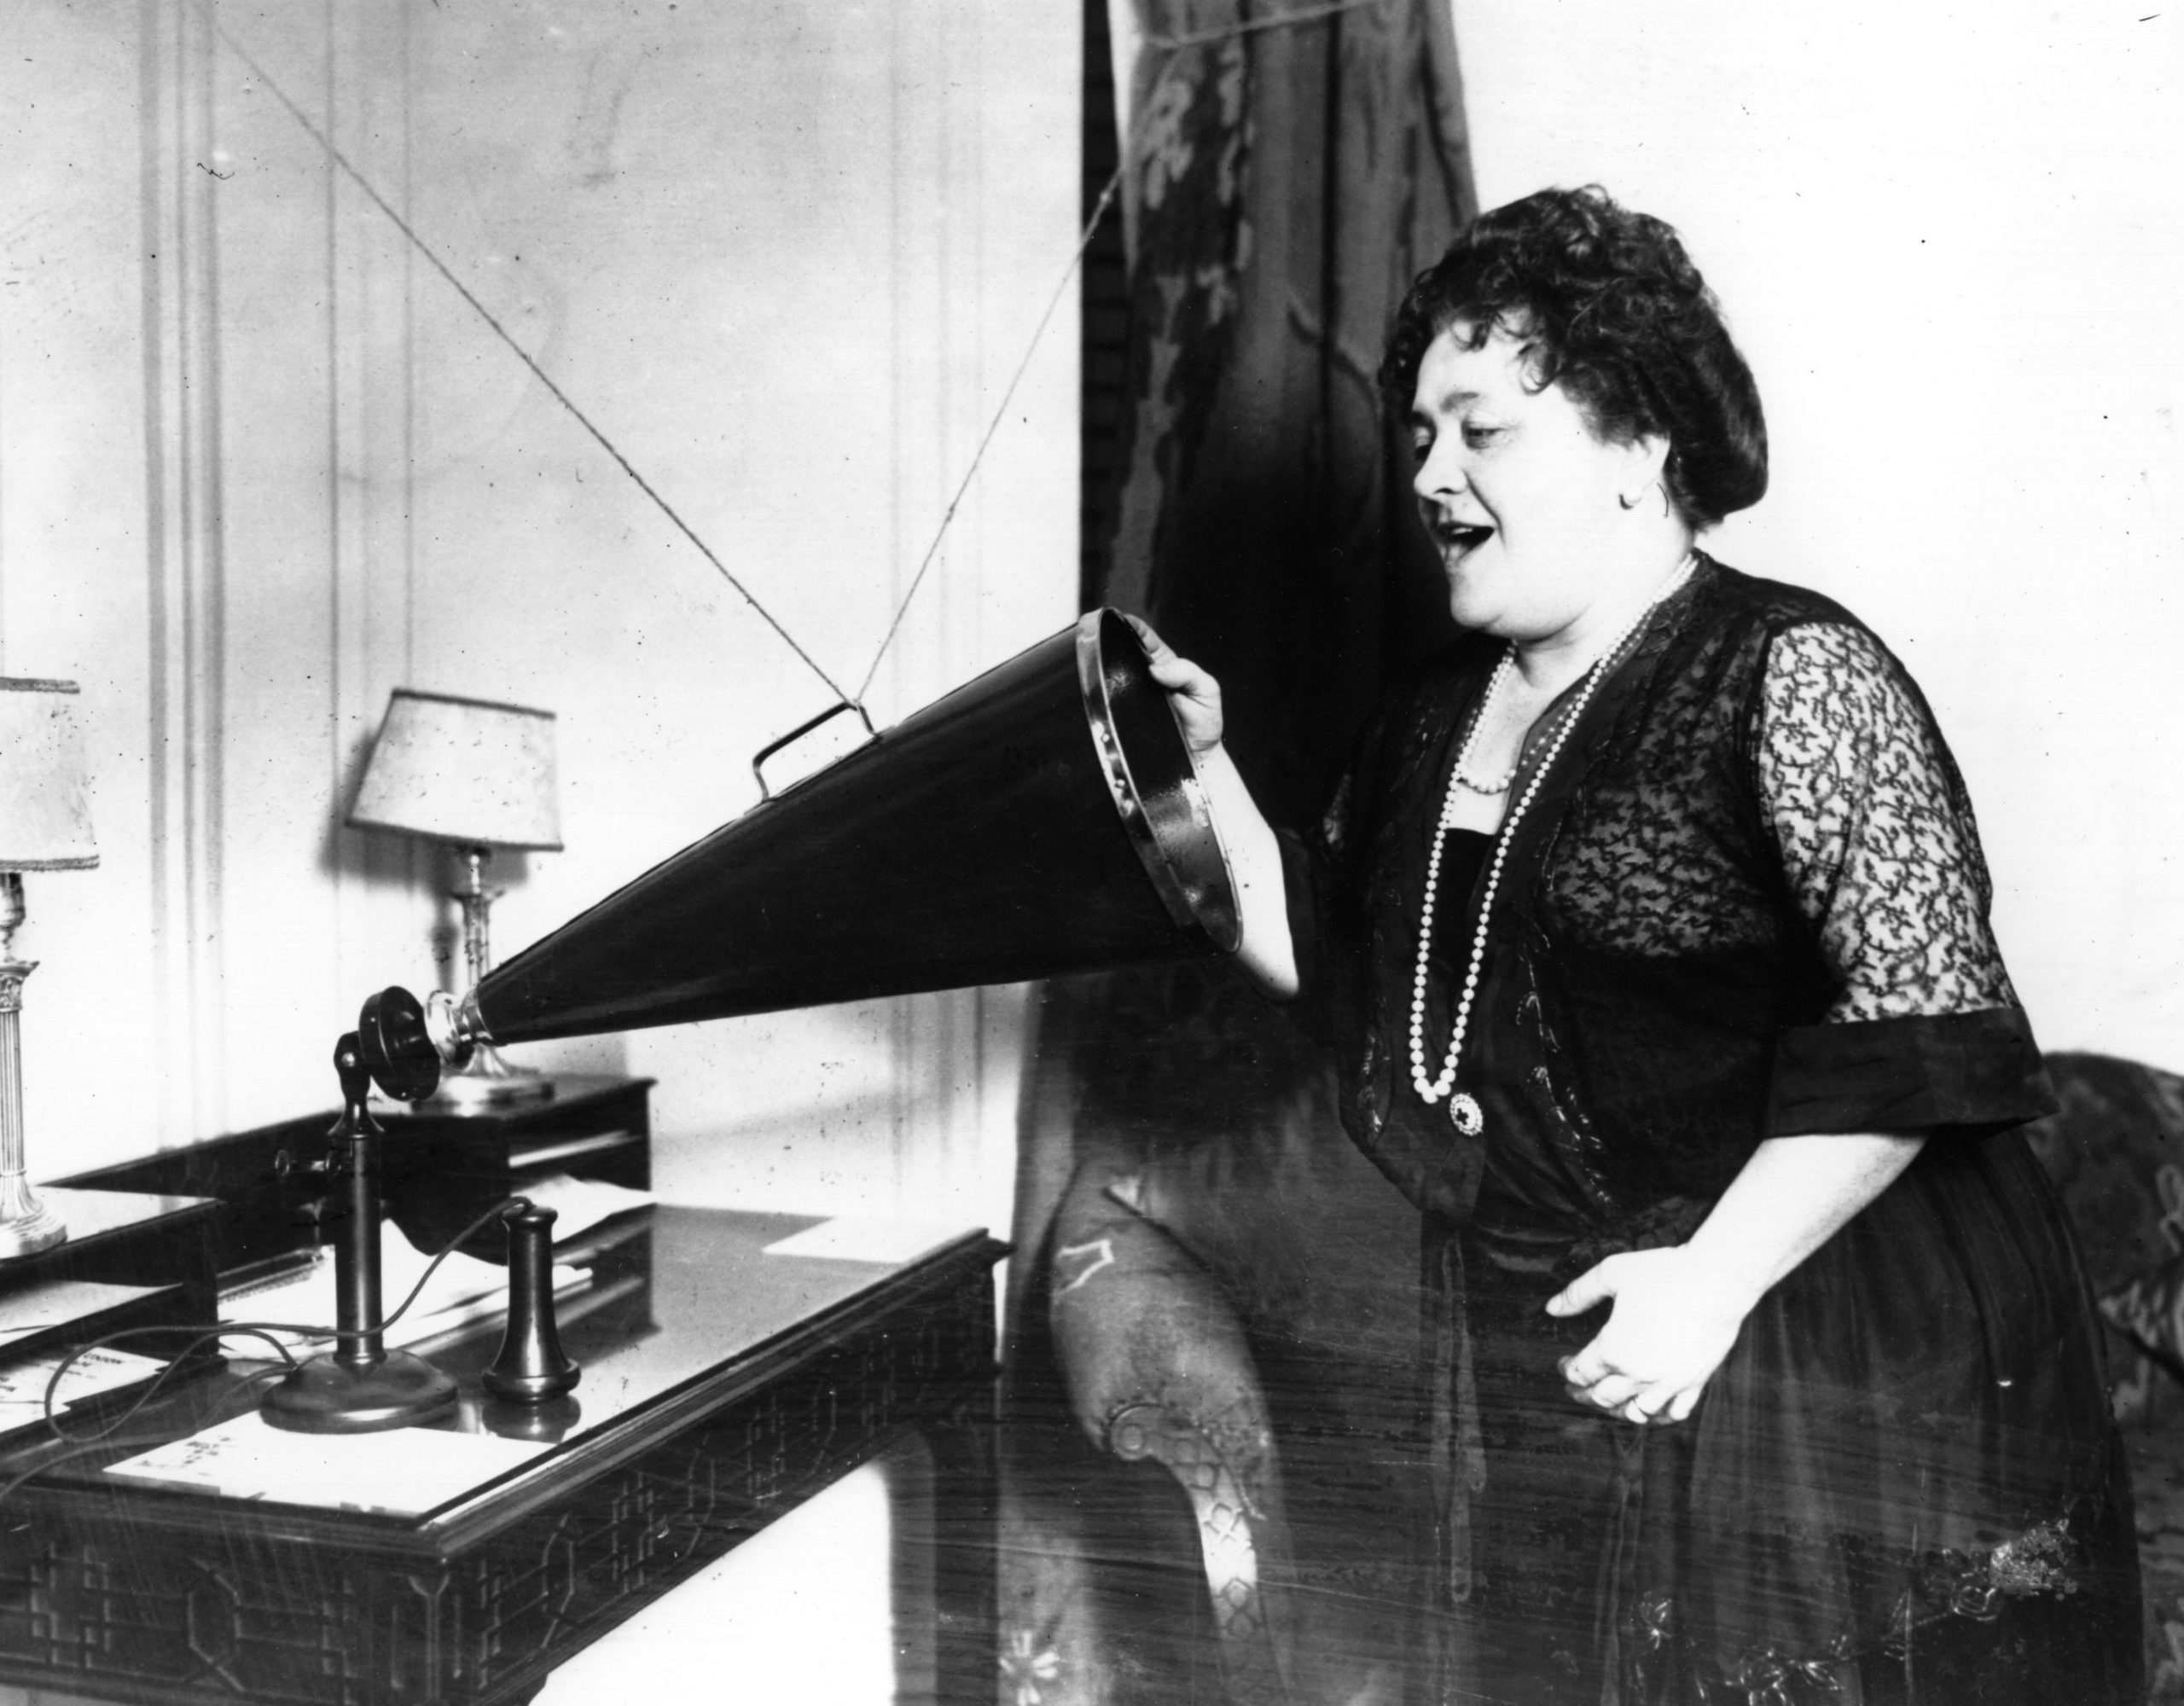 Luisa Tetrazzini recording her voice